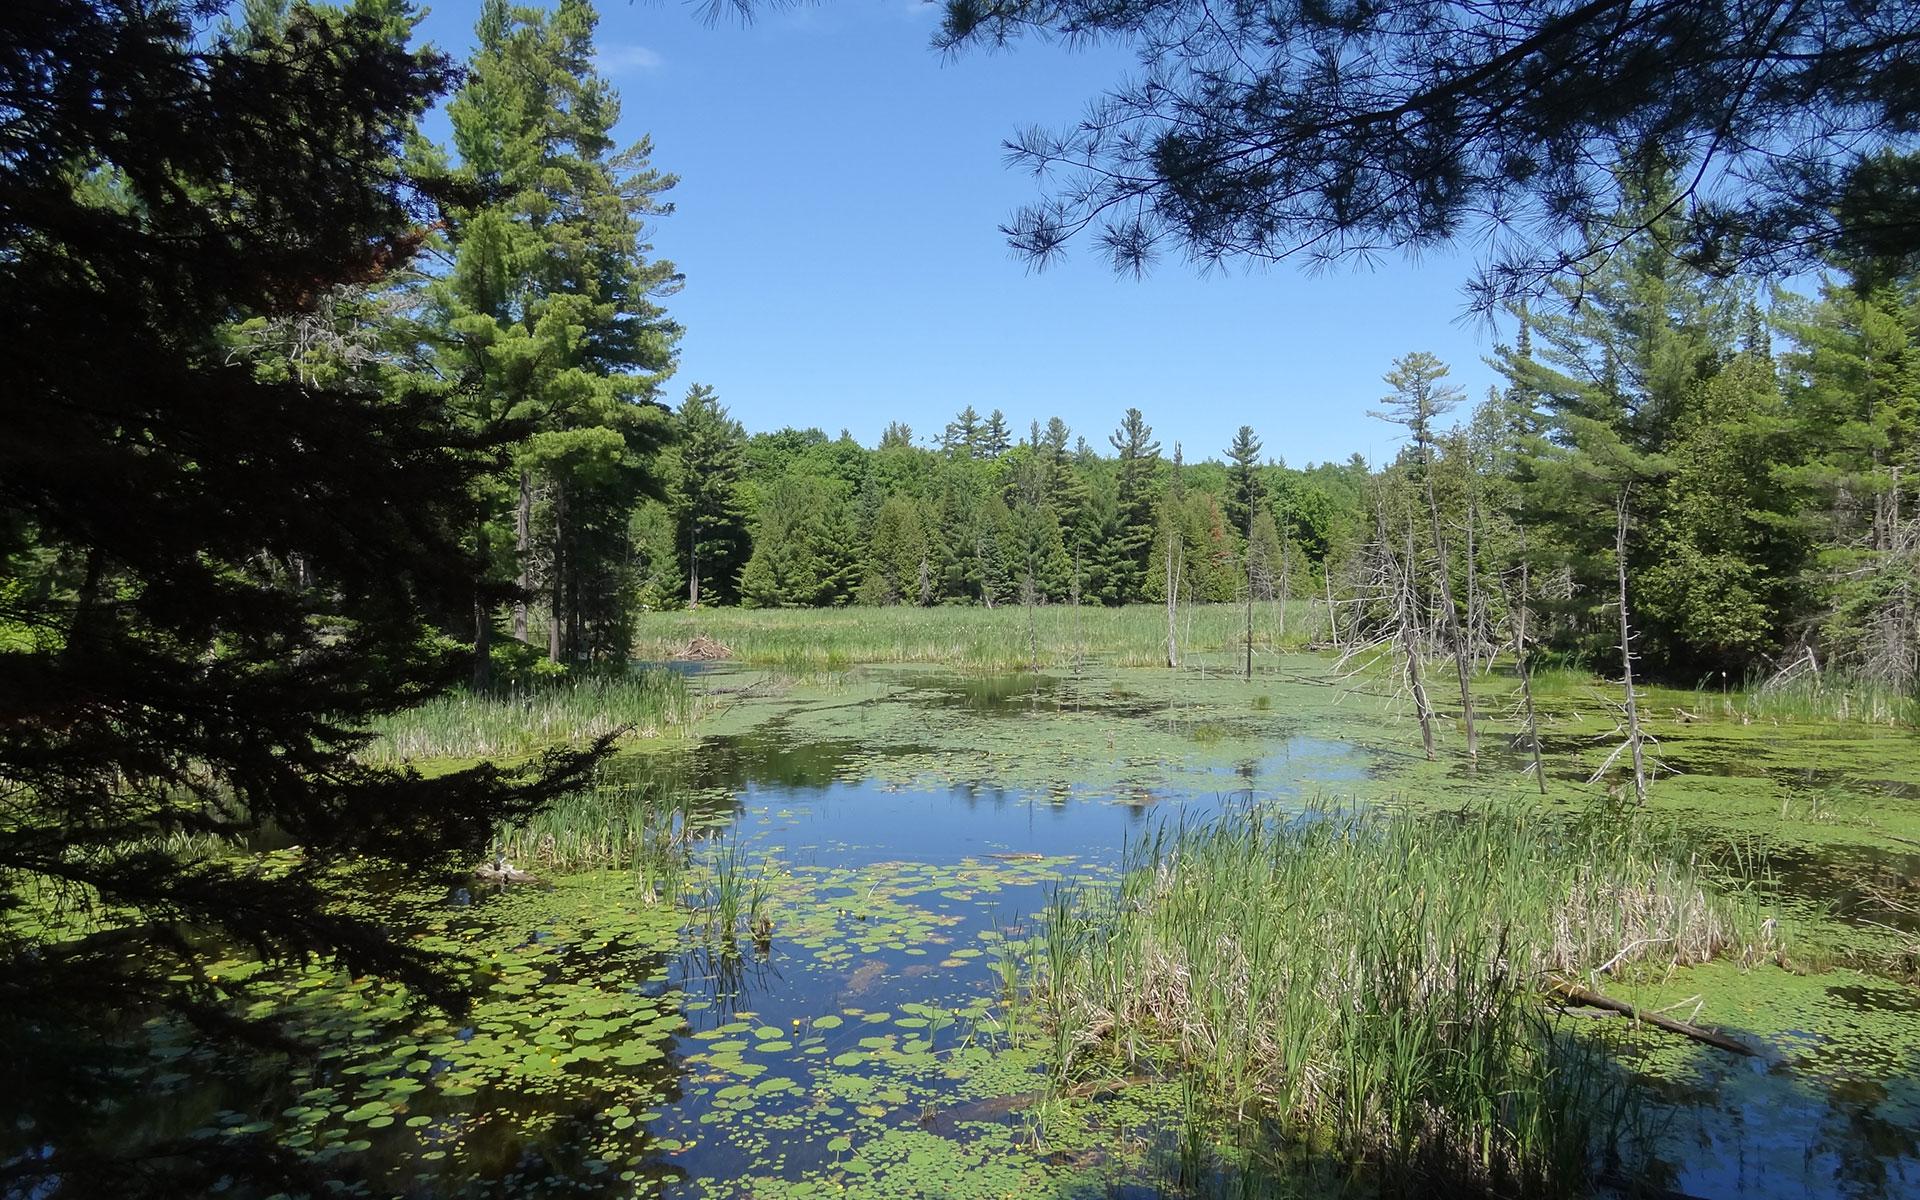 Around the beaver pond